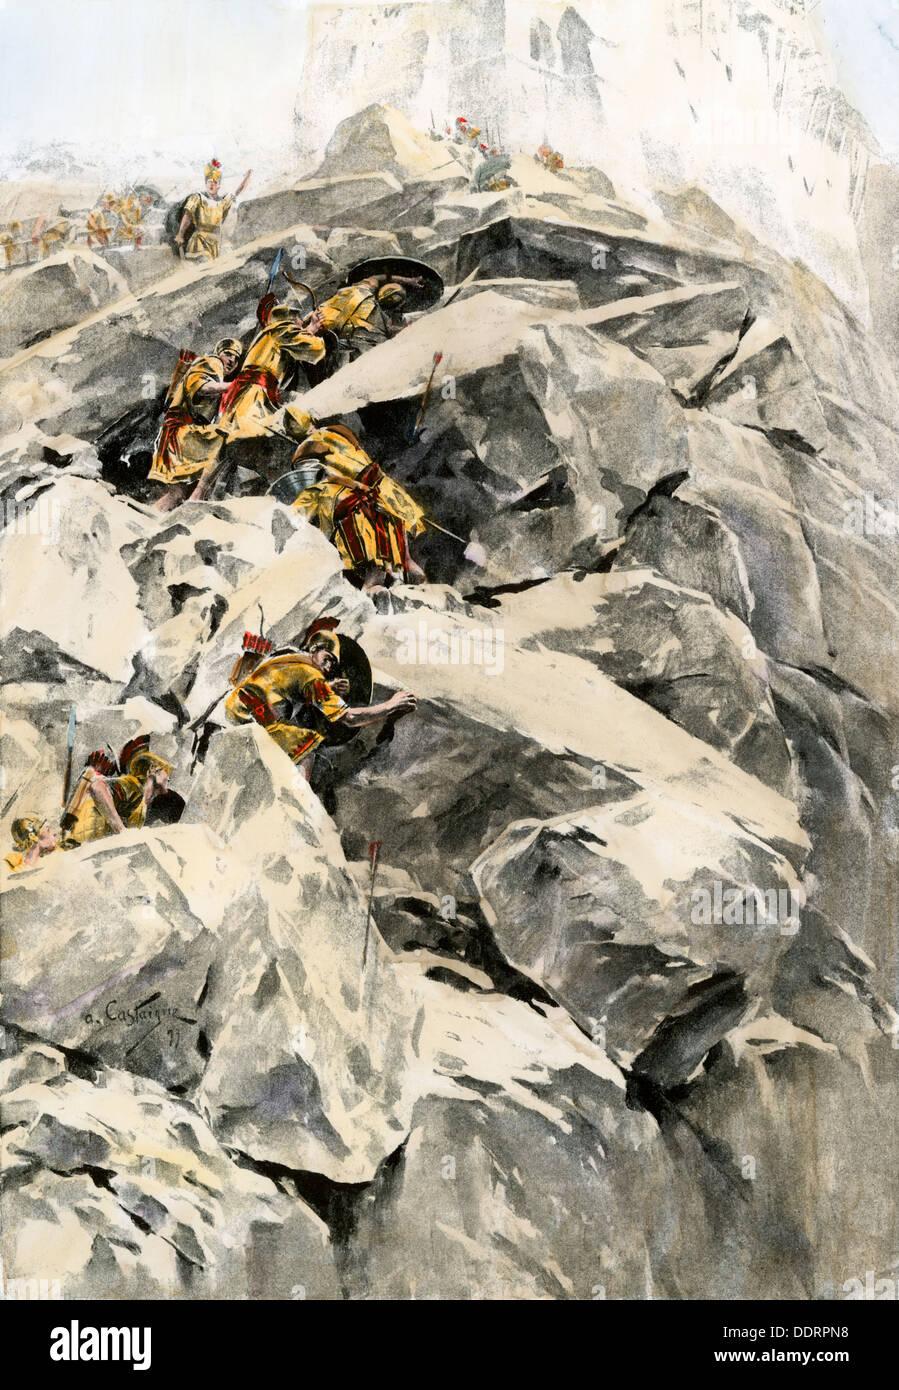 Armee von Alexander dem Großen Angriff auf Poros der Festung auf einem Nebenfluss des Indus, 326 v. Chr.. Handcolorierte halftone einer Abbildung Stockbild